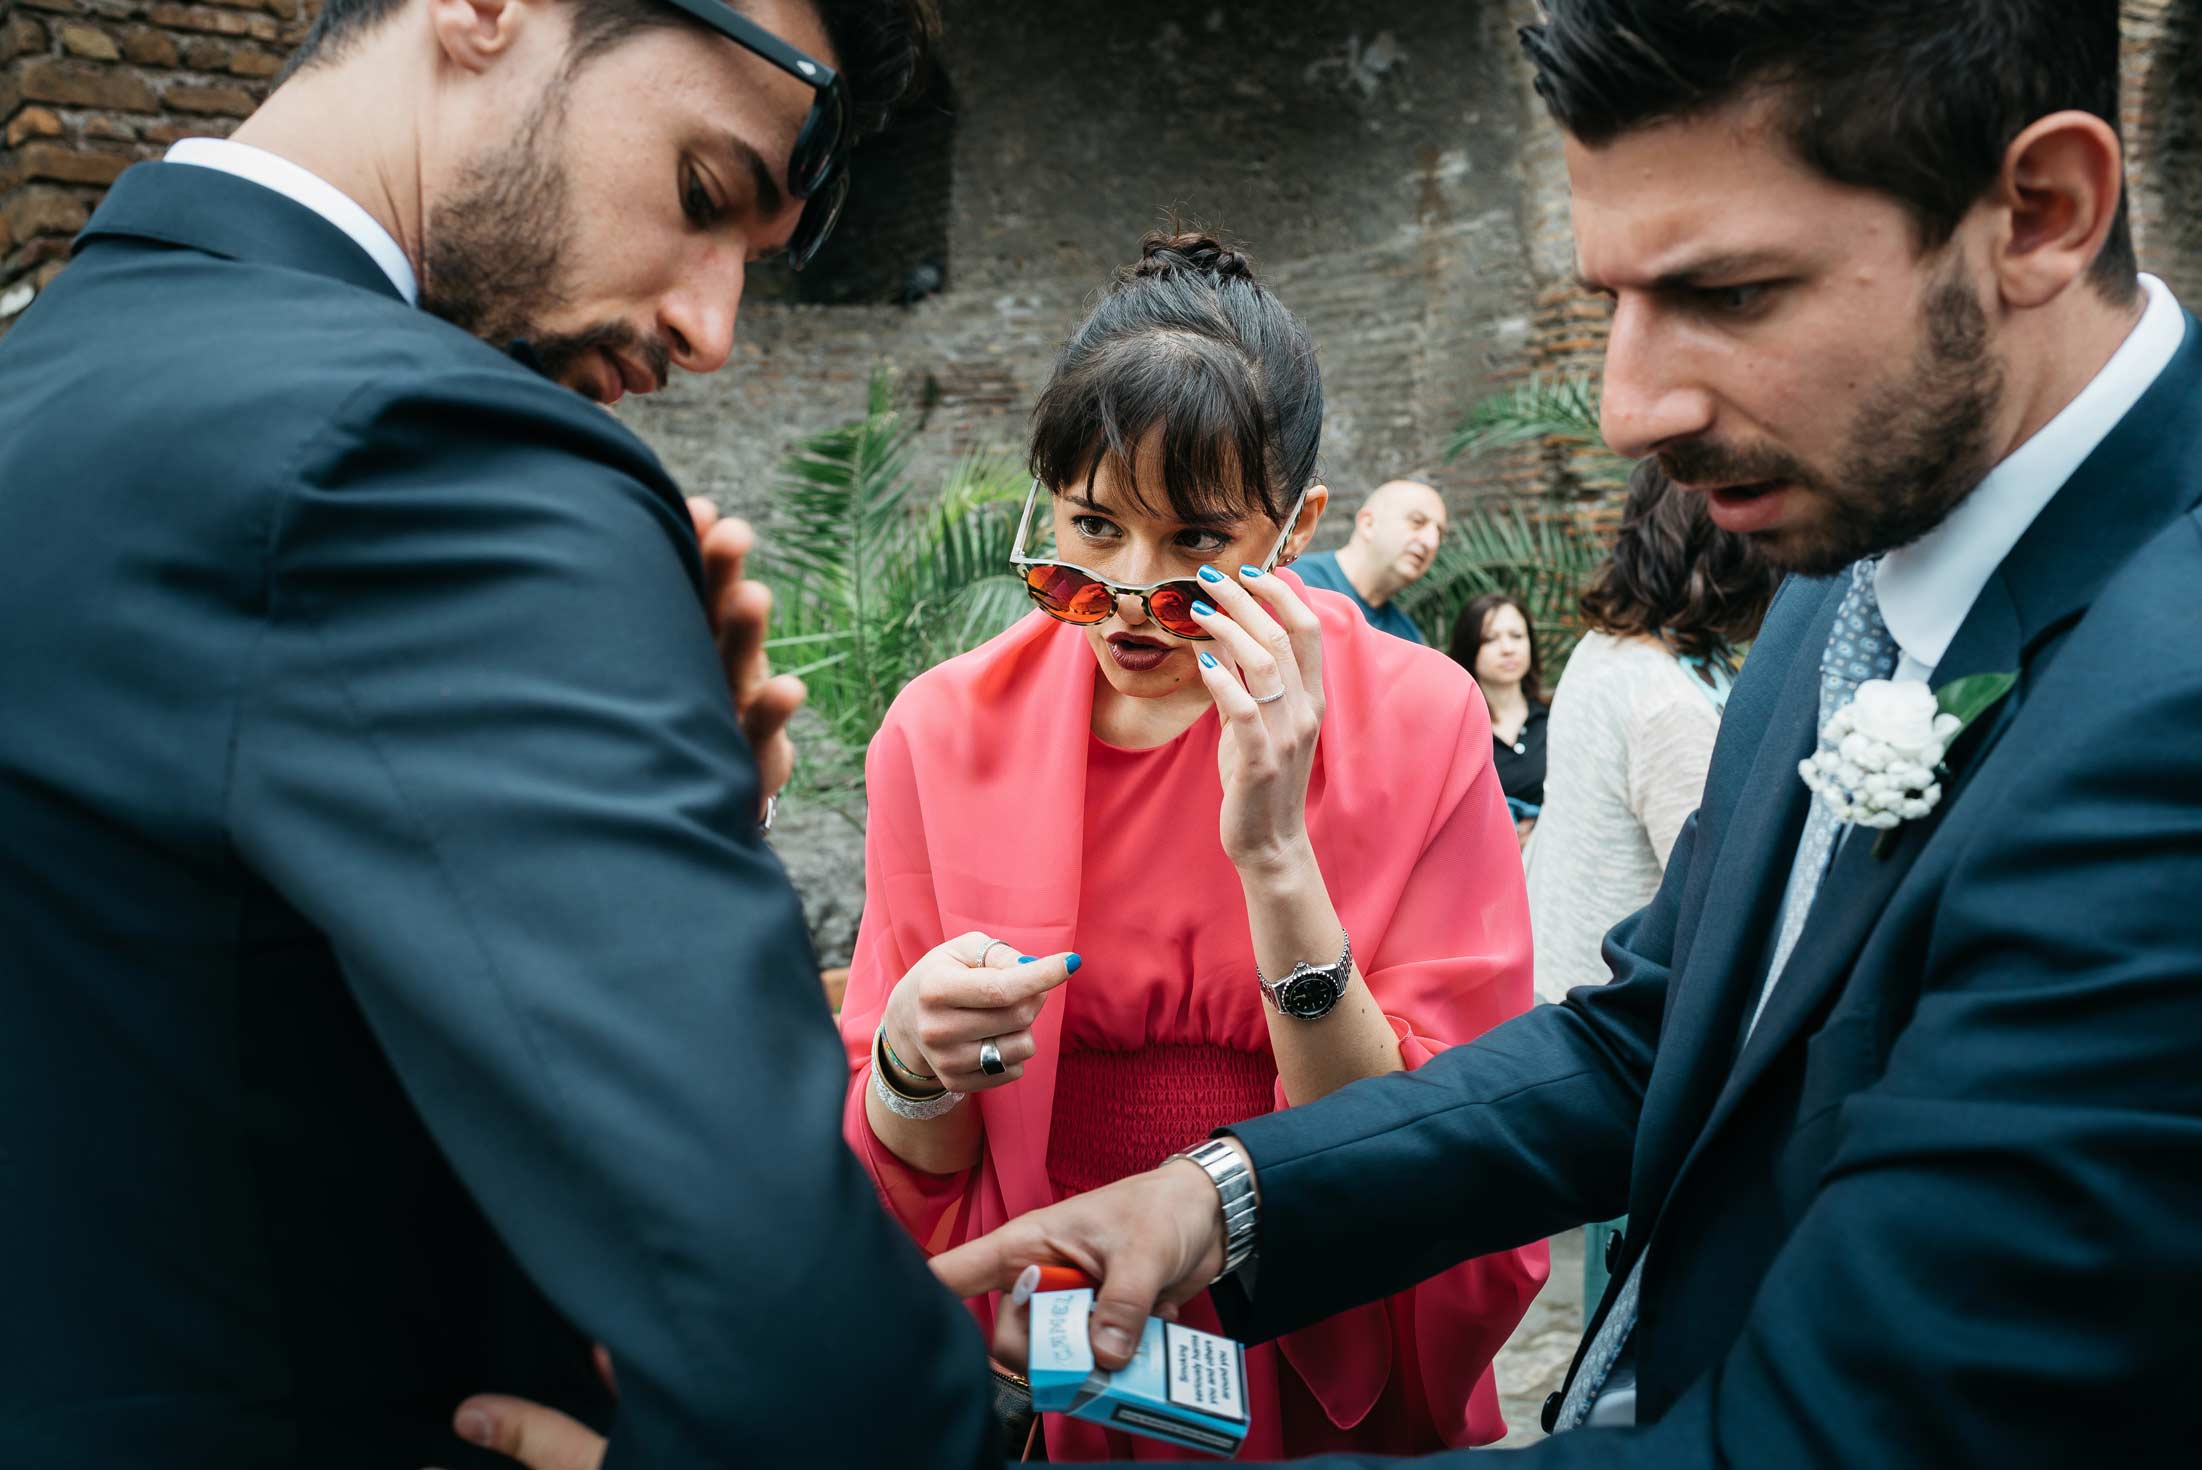 Fotografo-Di-Matrimonio-Roma-Stile-Reportage-Cerimonia